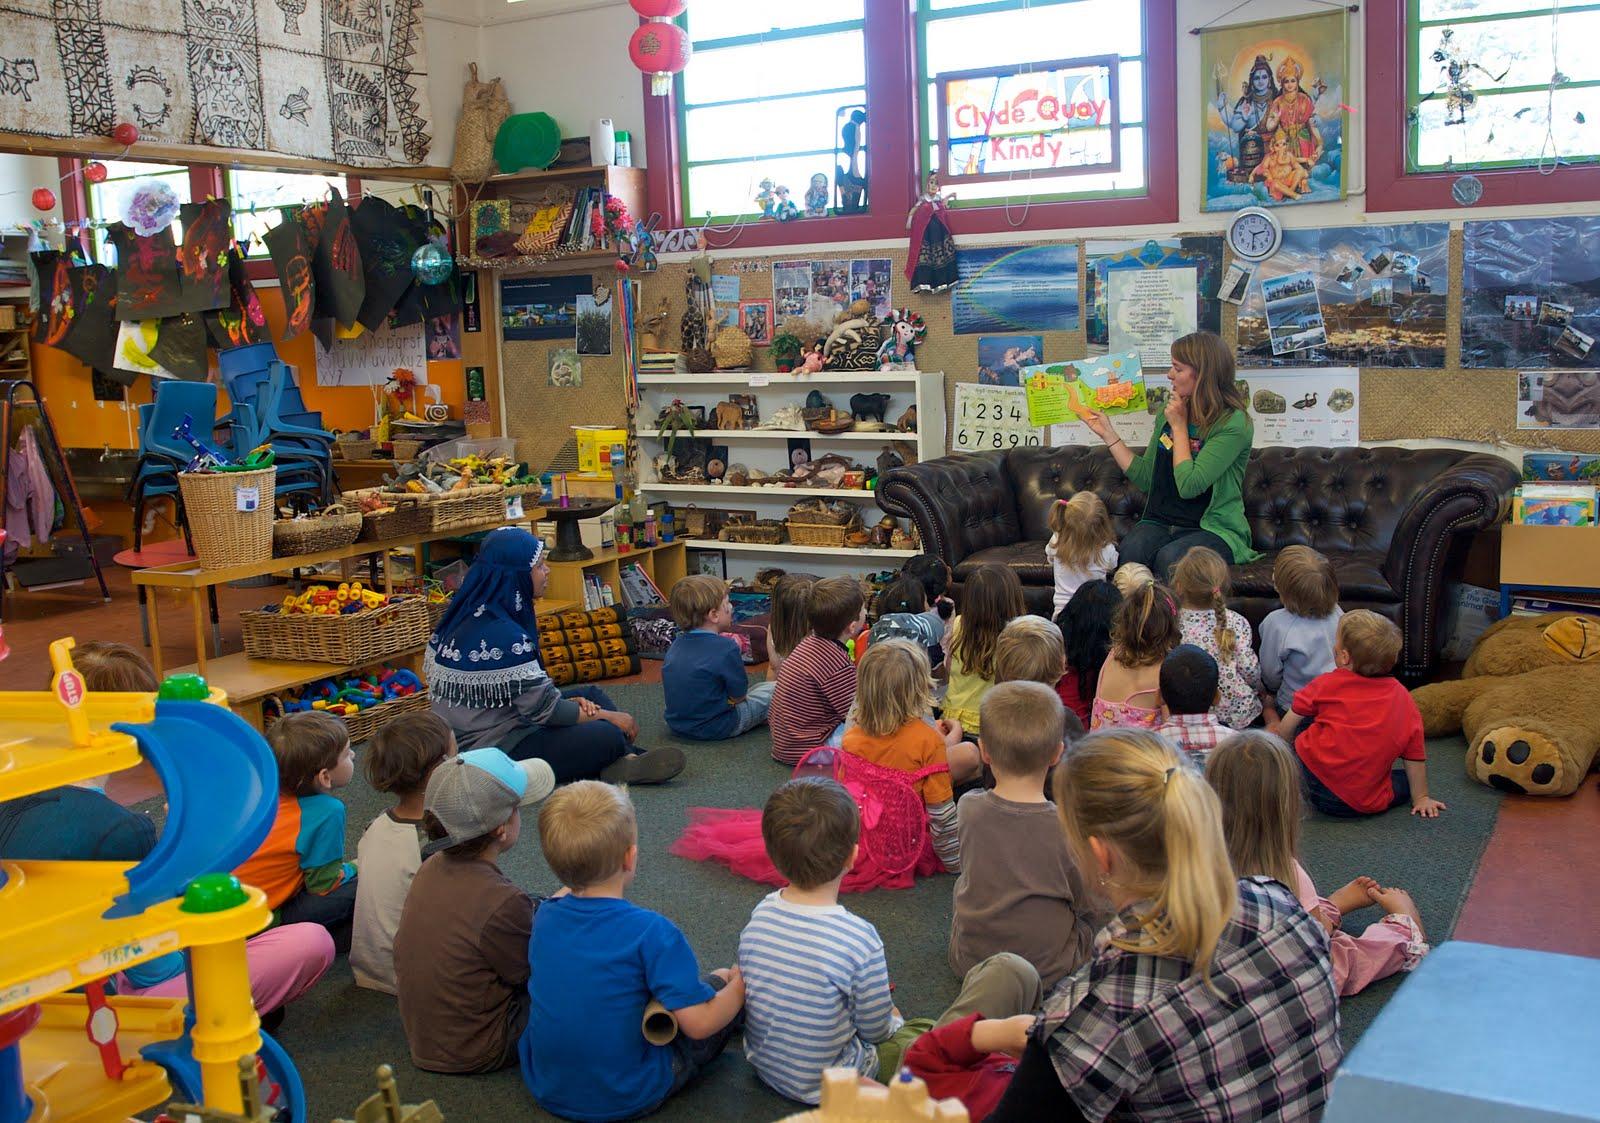 Новая Зеландия обо всем понемногу Детские садики в Новой Зеландии  я совершенно случайно разговорилась с тетенькой которая оказалась главным инспектором дошкольных образовательных учреждений региона Веллингтон вот так